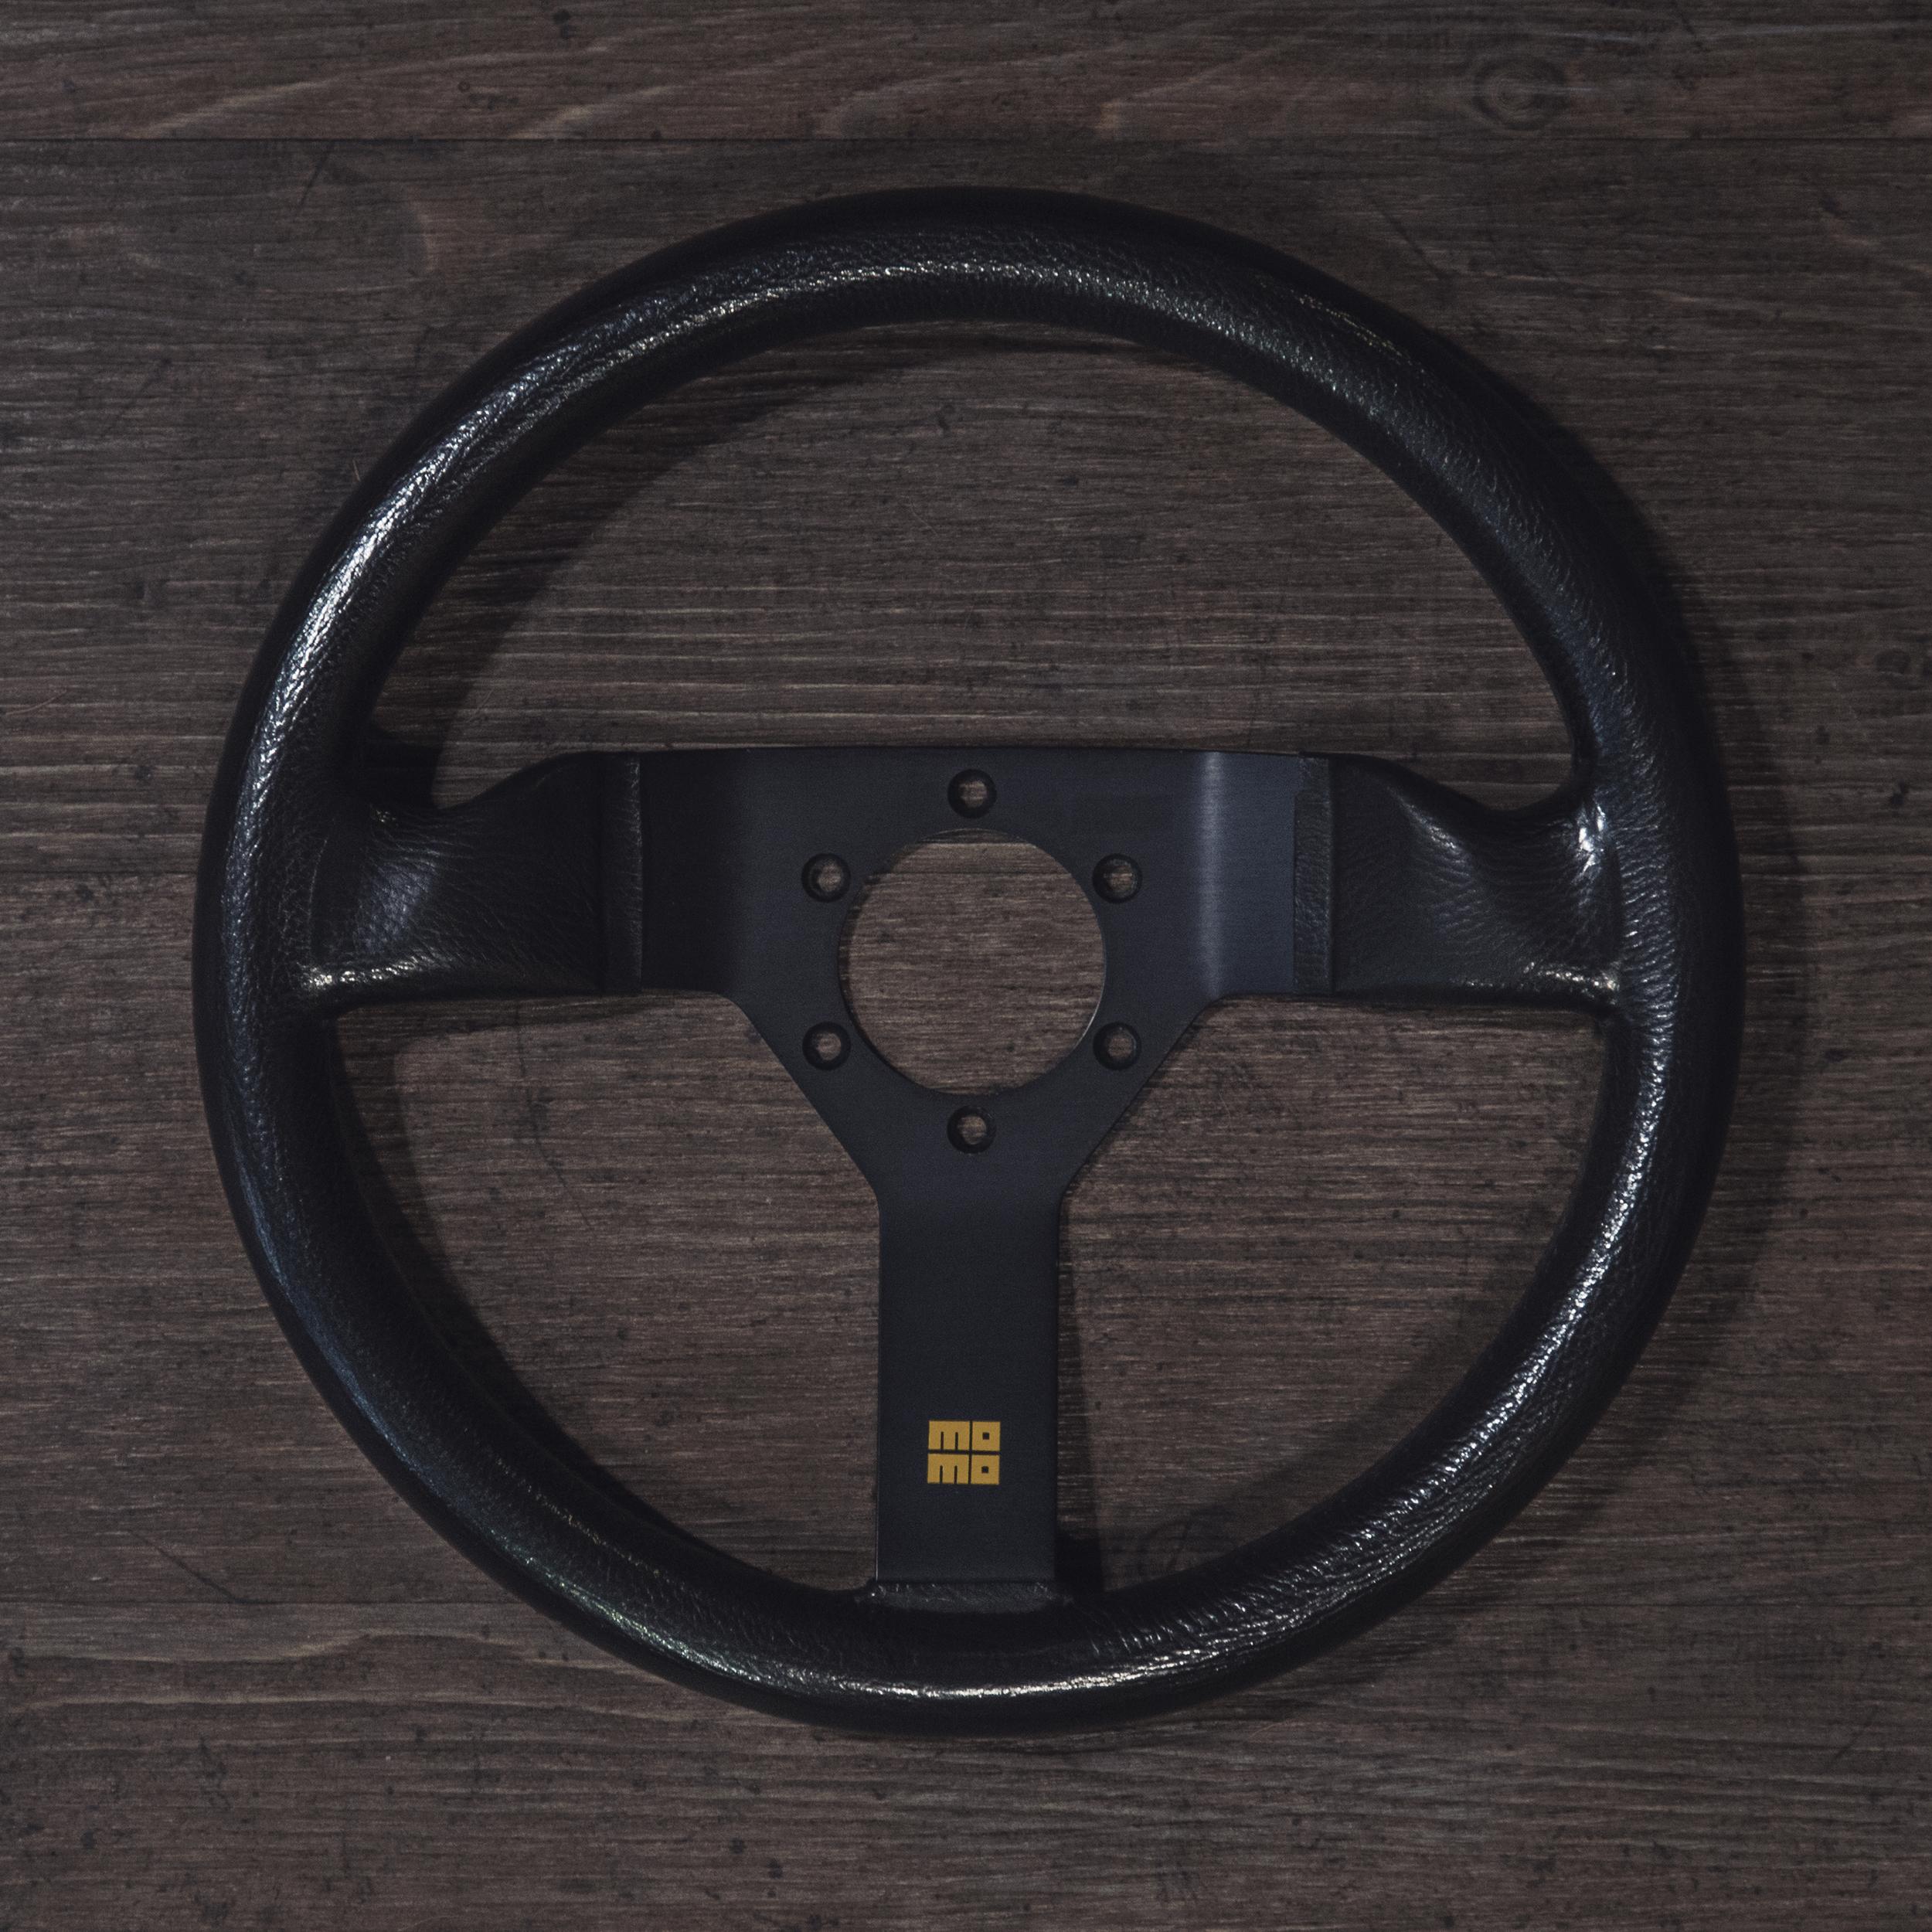 steering_wheels_momo_monte_carlo_b_01.jpg